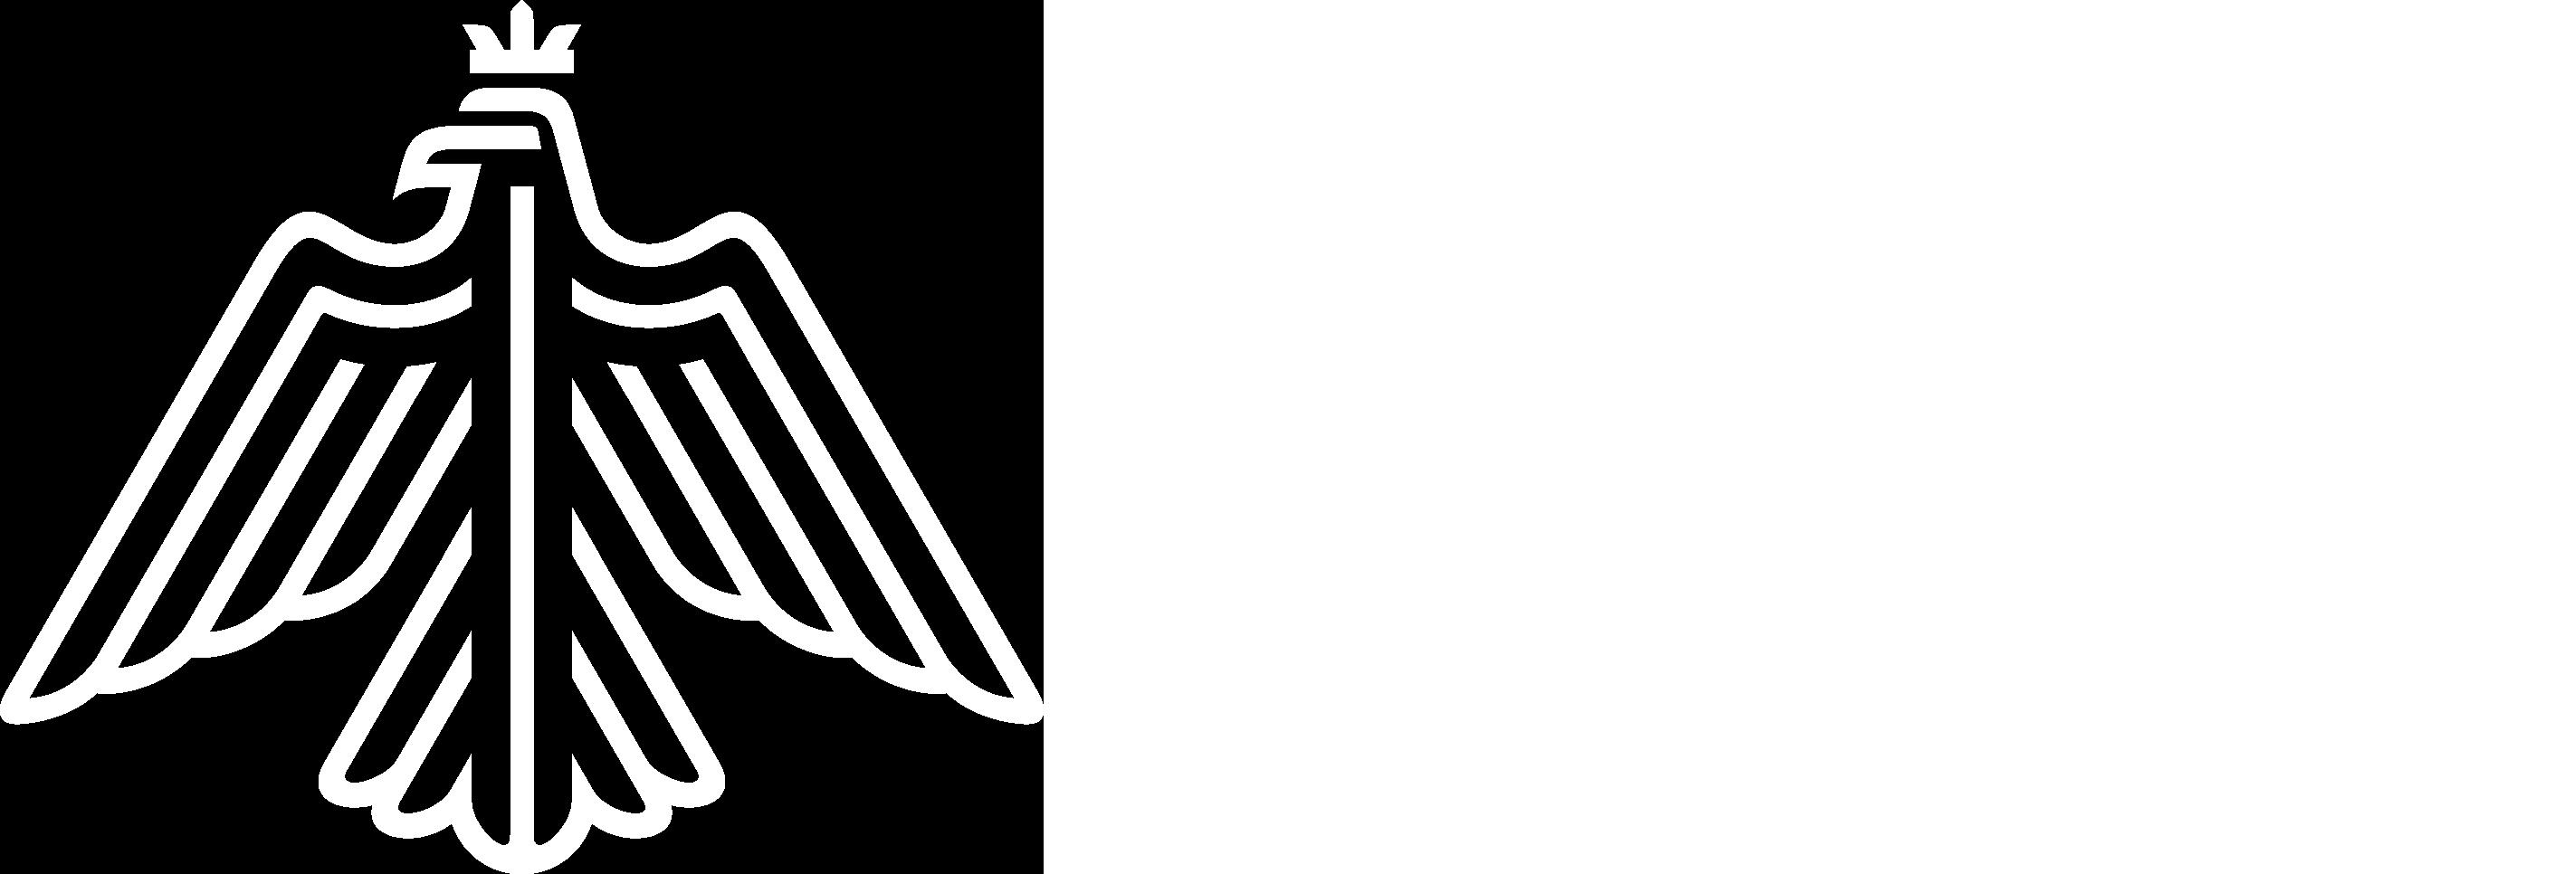 rivia digital icon